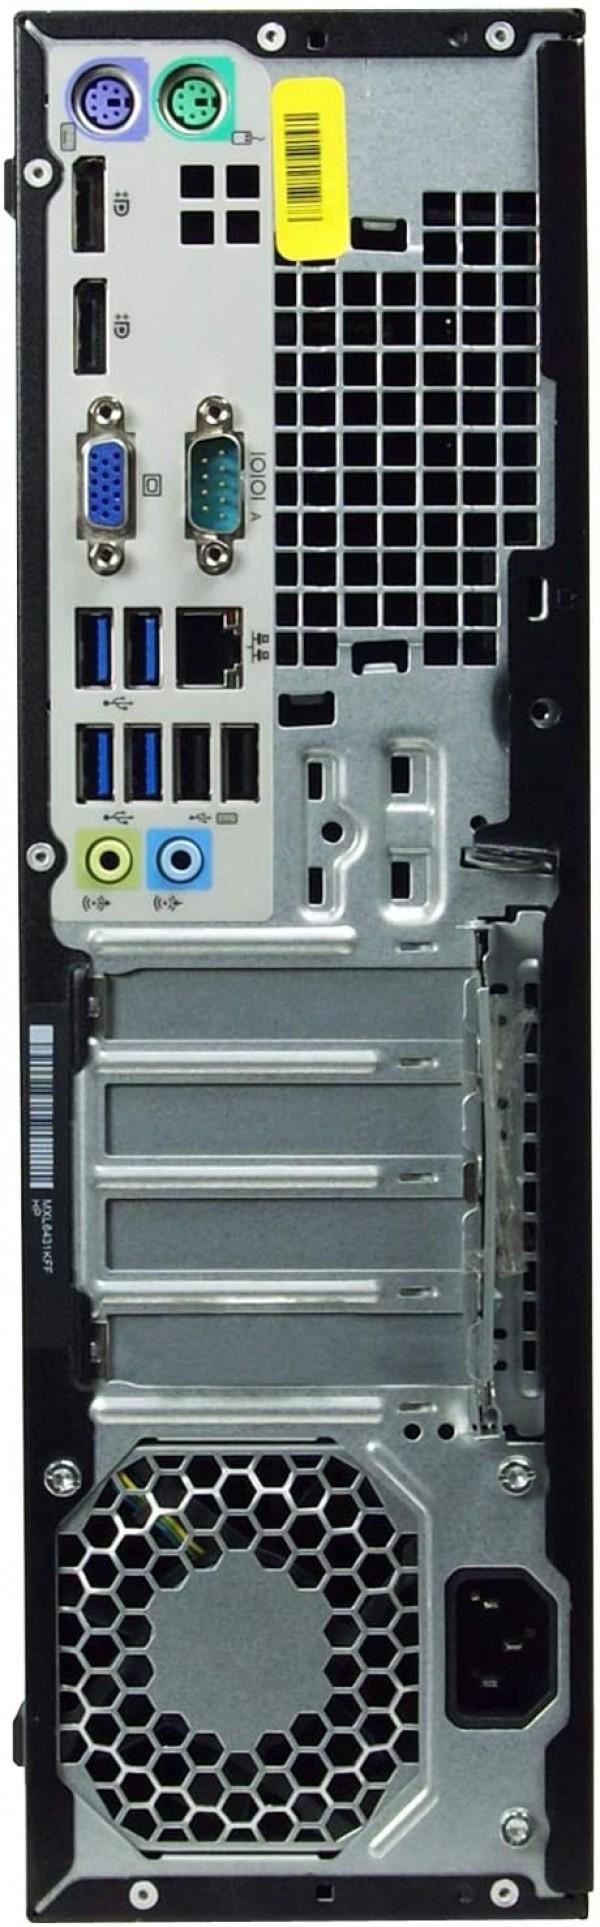 PC HP 600 G2 i5-6600T/8GB/256SSD/Win 10 Pro Ref.